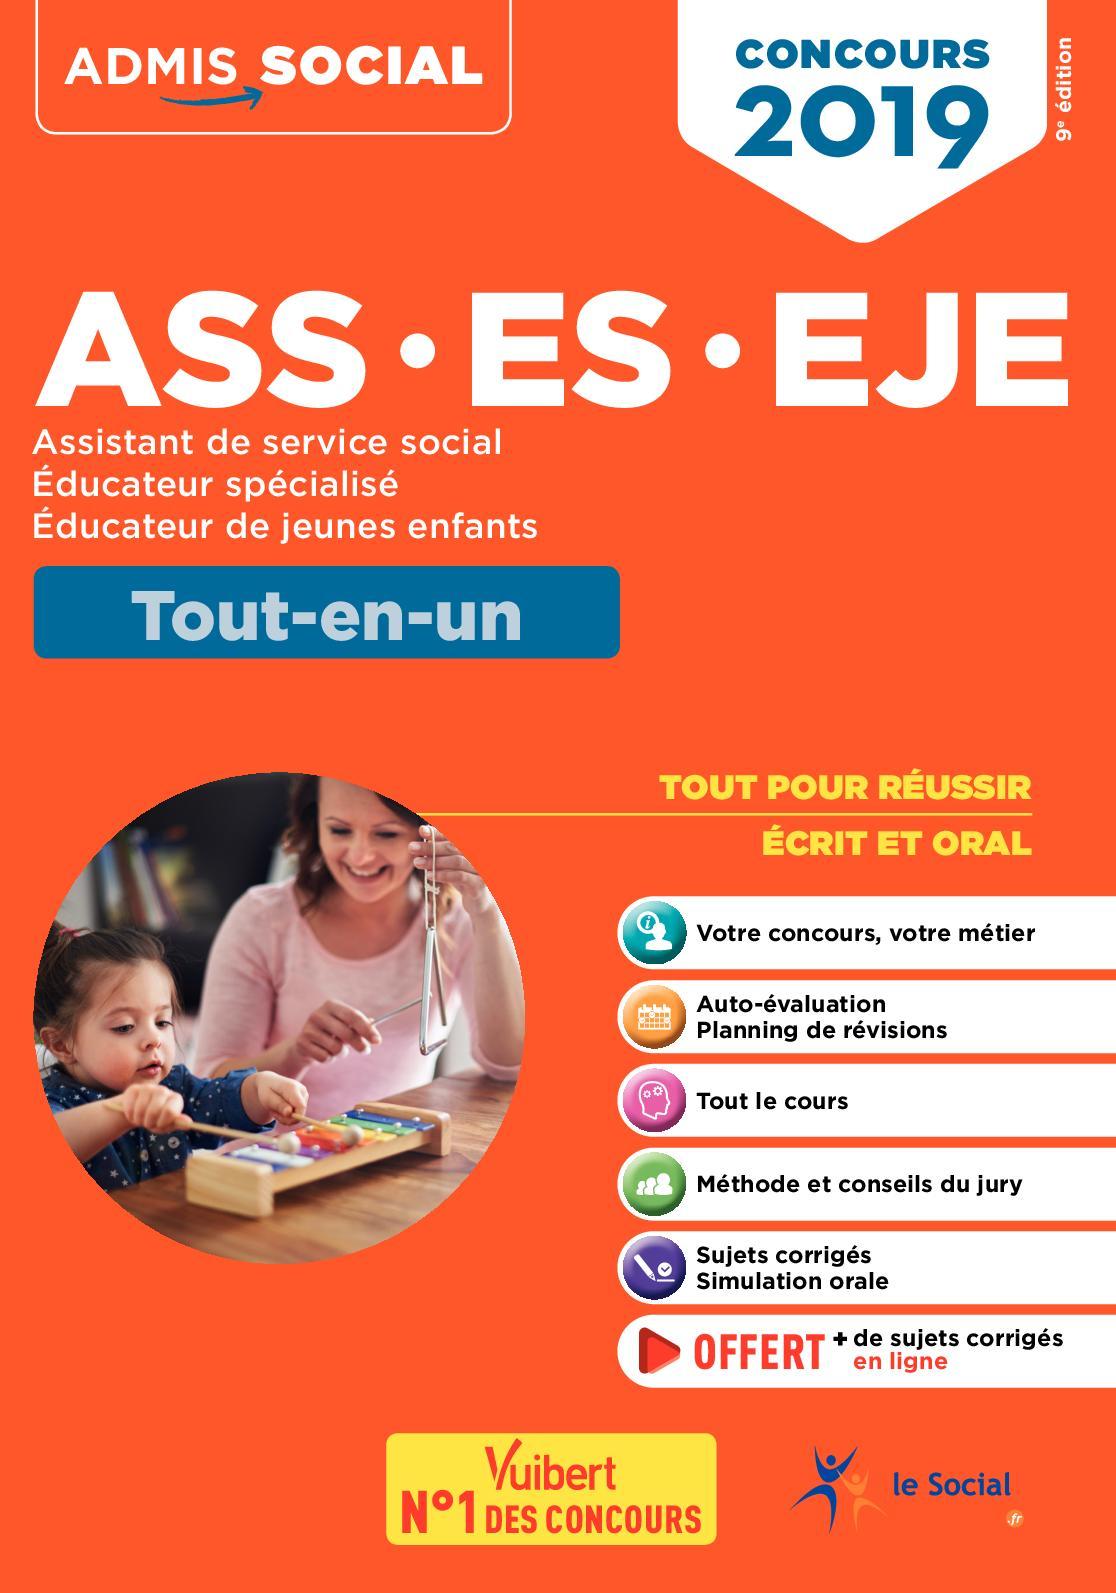 Educateur de jeunes enfants (DEEJE)